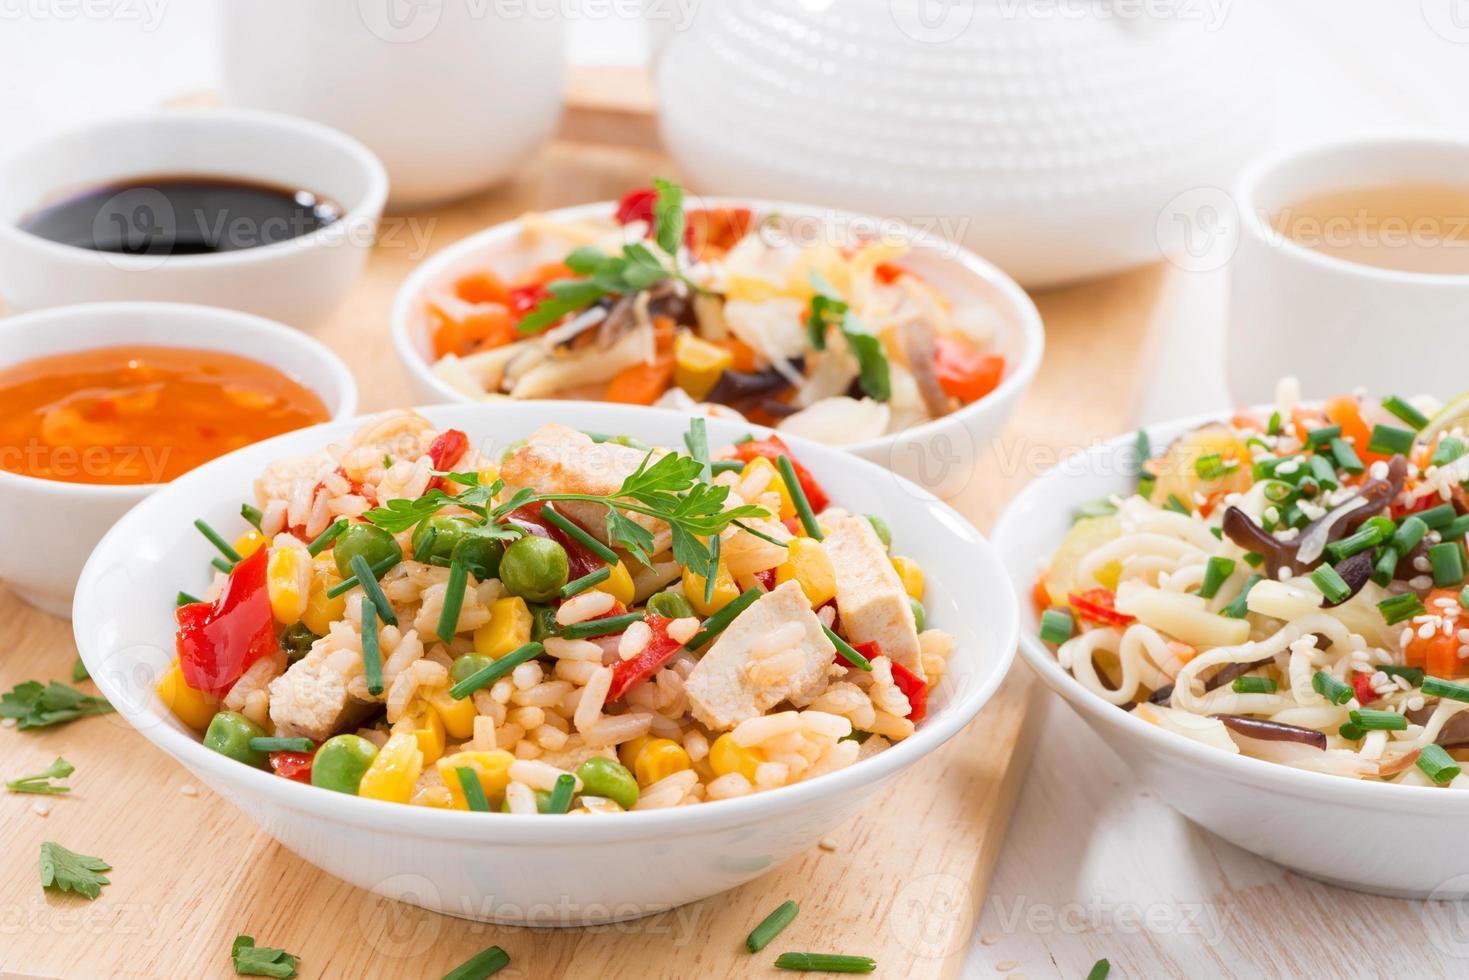 almoço asiático - arroz frito com tofu, macarrão, legumes foto